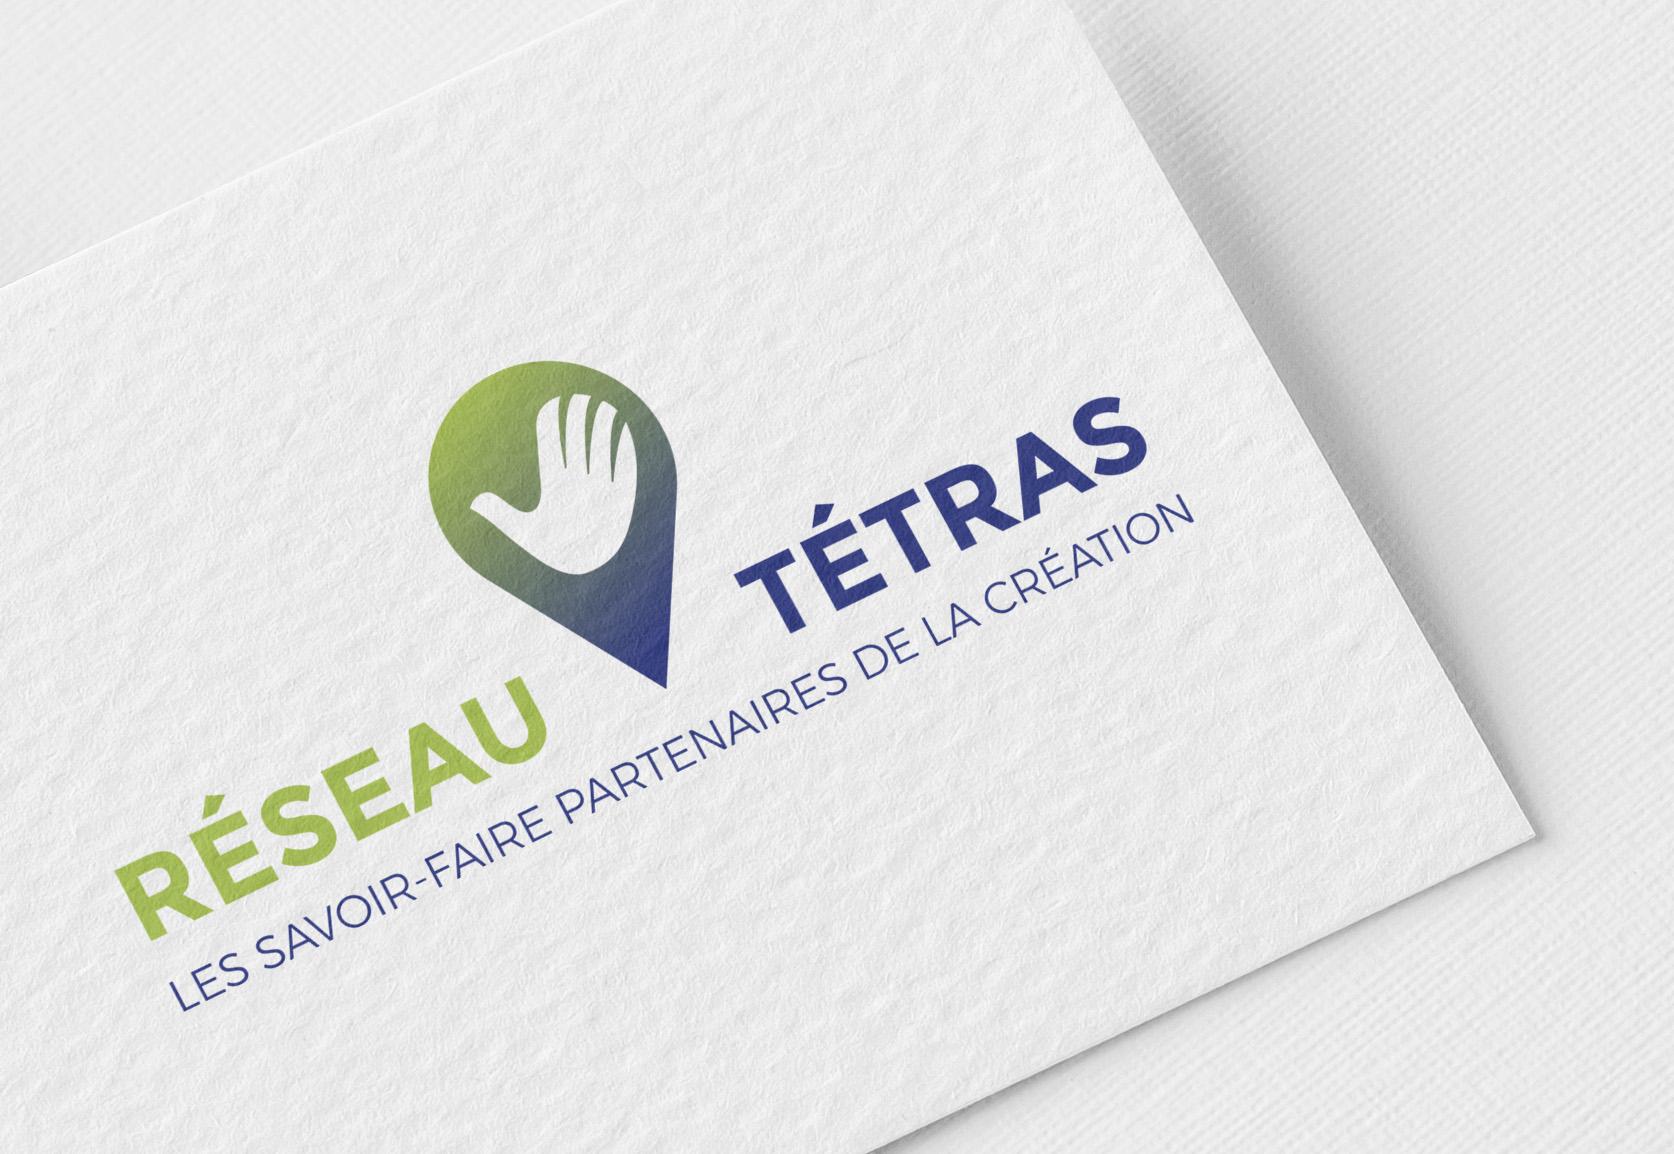 Logotype du Réseau Tétras, les savoir-faire partenaires de la création